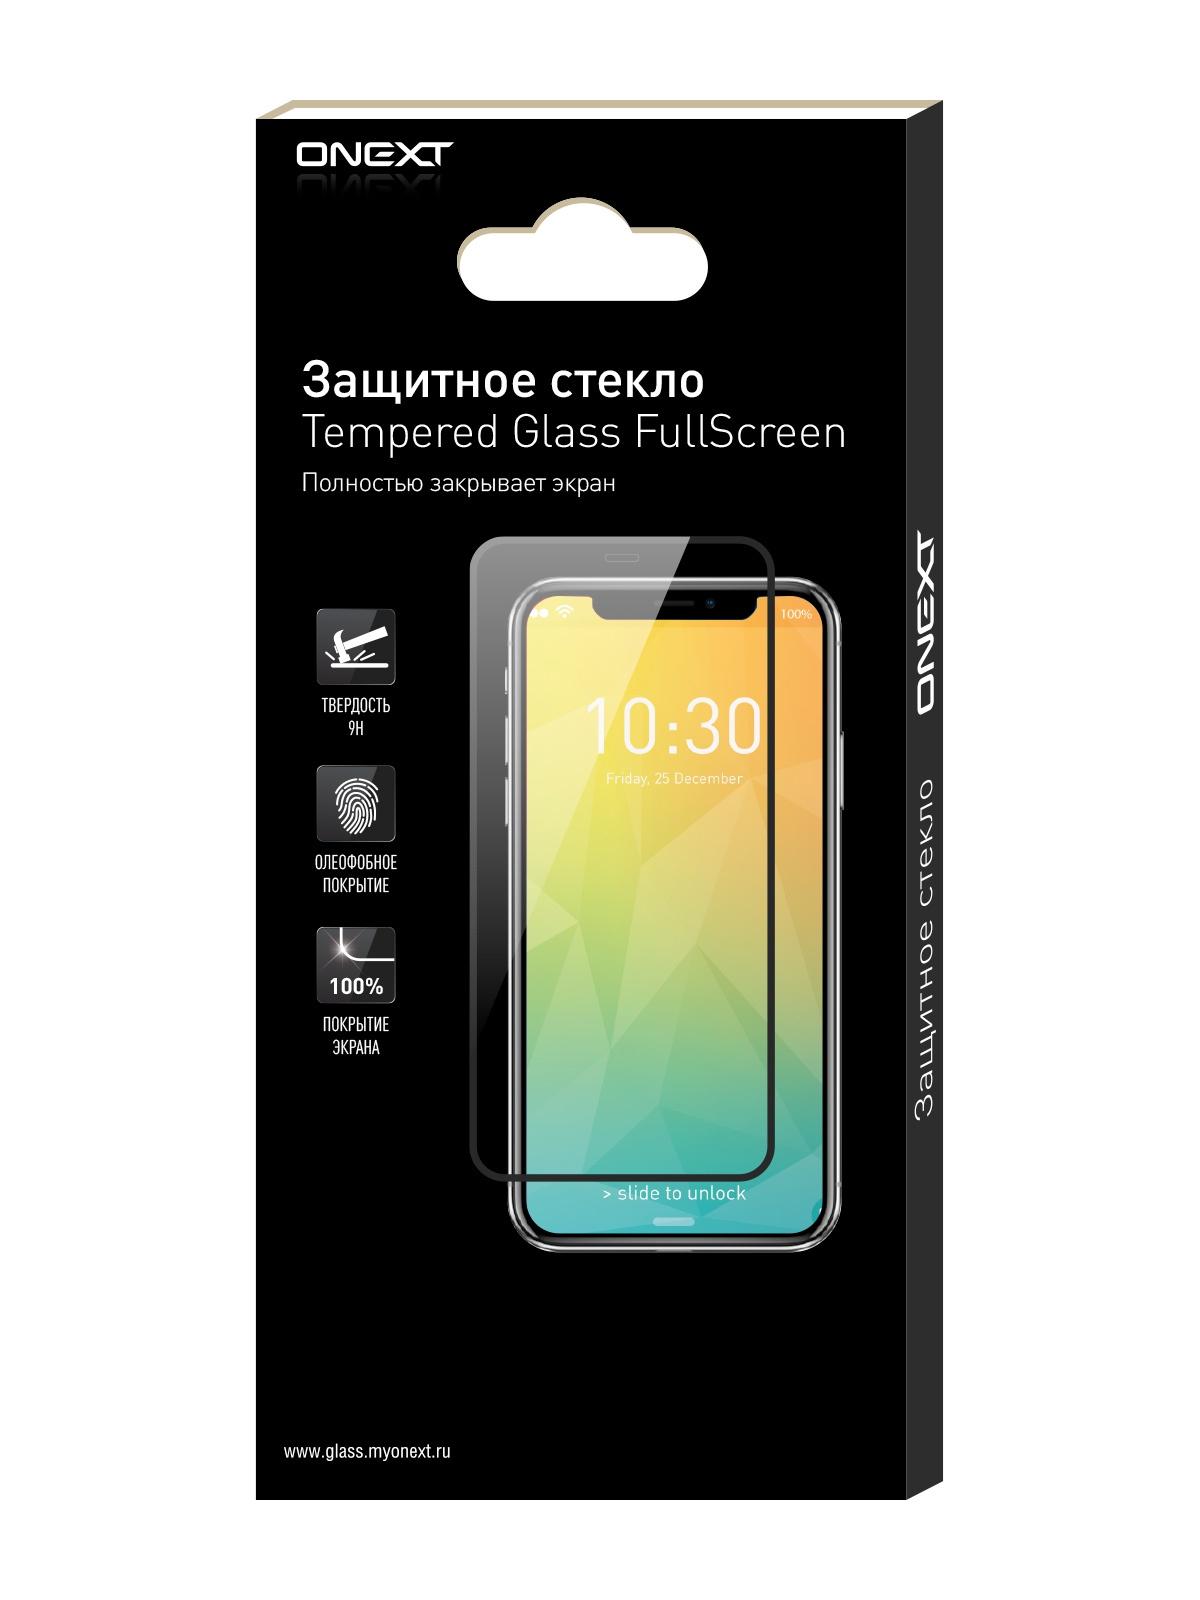 Защитное стекло ONEXT Huawei Nova 2i с рамкой защитное стекло для iphone 6 plus onext с белой рамкой силиконовые края